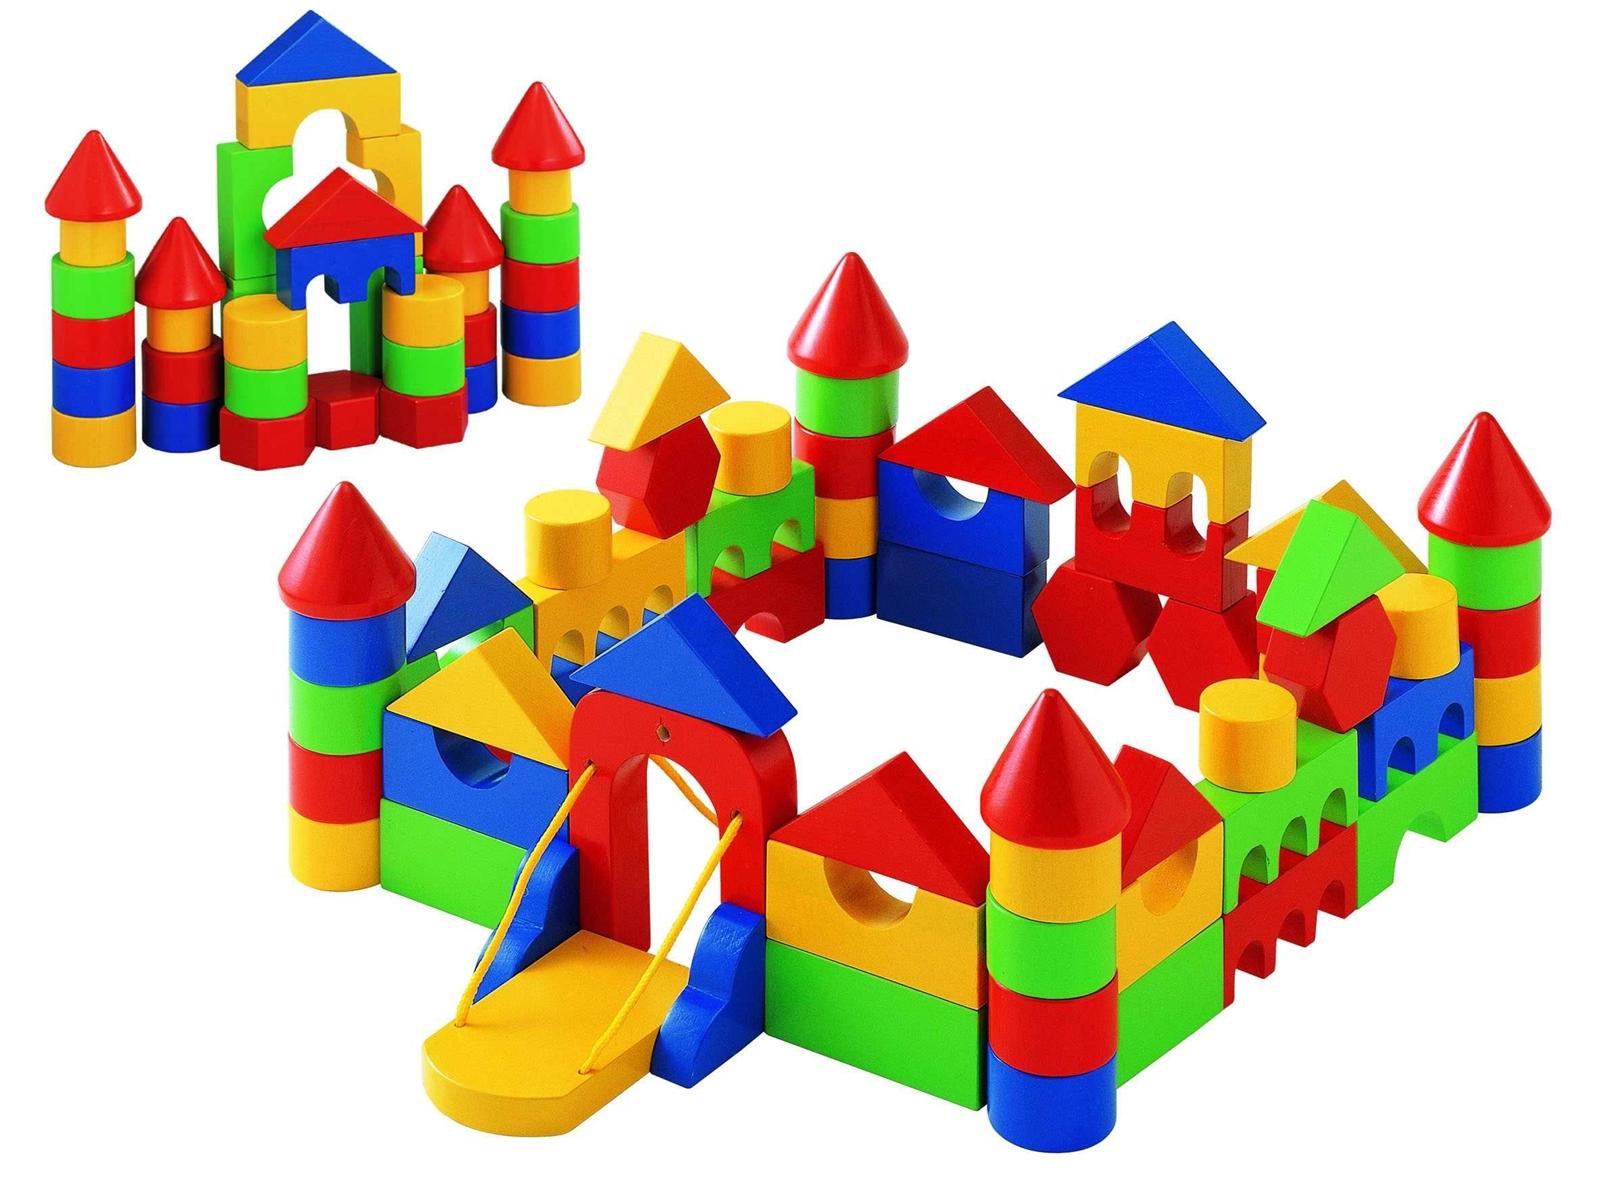 Trẻ 2 tuổi cần đồ chơi hình khối và màu sắc đơn giản để dễ nhận biết và tưởng tượng